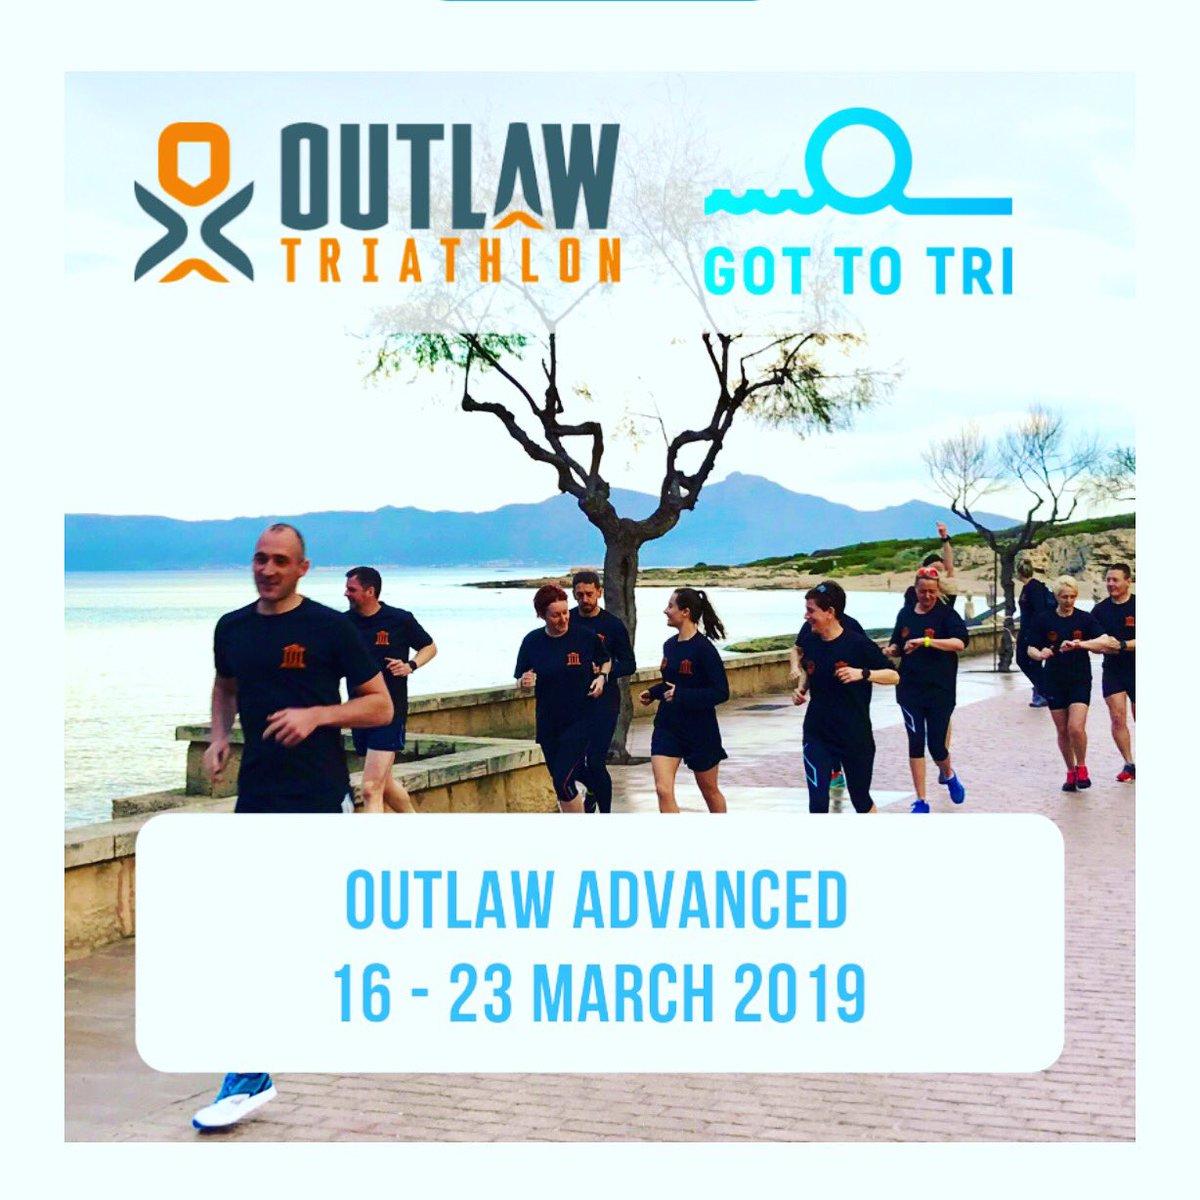 Outlaw triathlon prizes to win